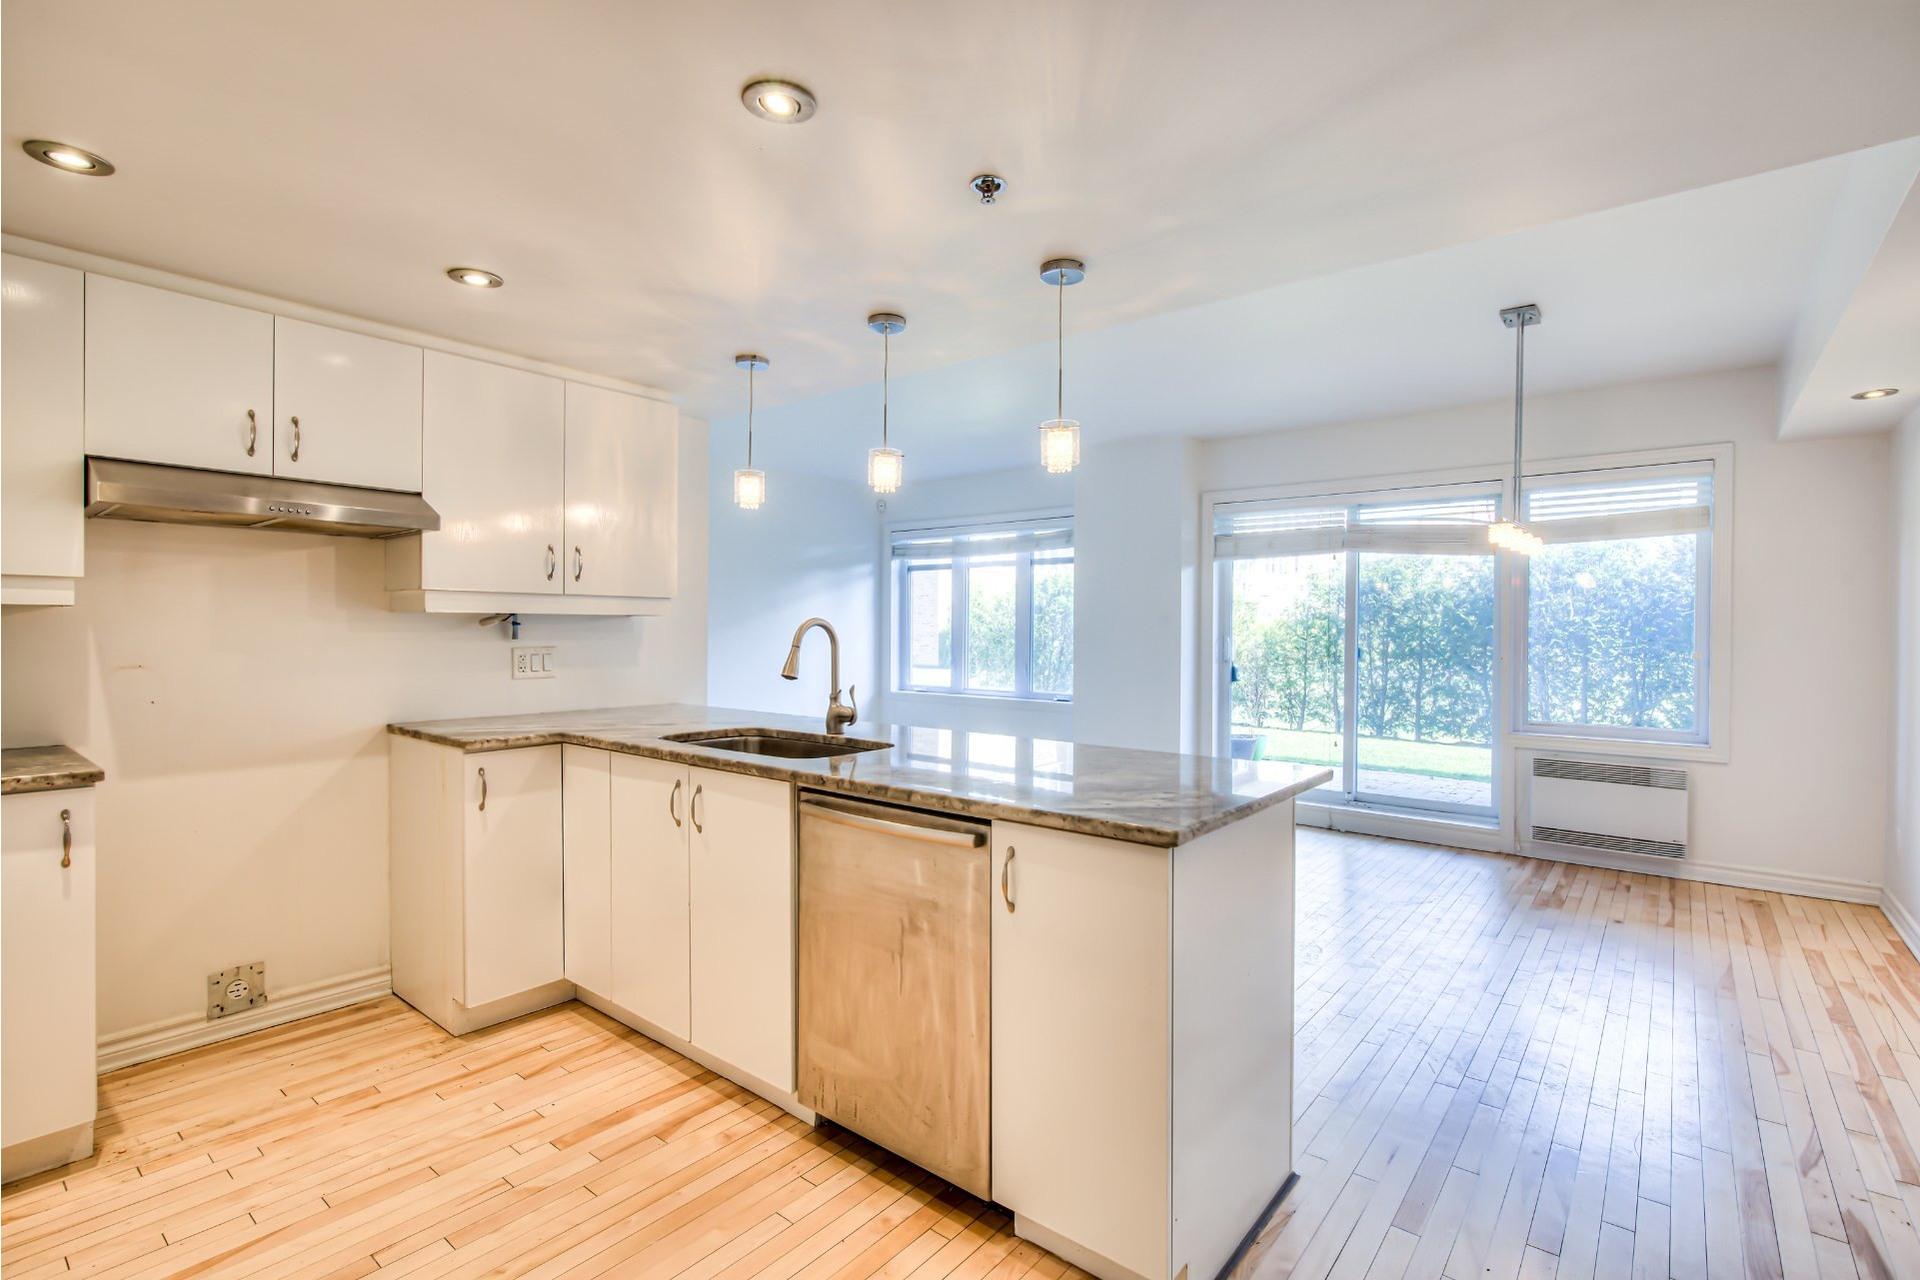 image 8 - Apartment For sale Saint-Laurent Montréal  - 6 rooms